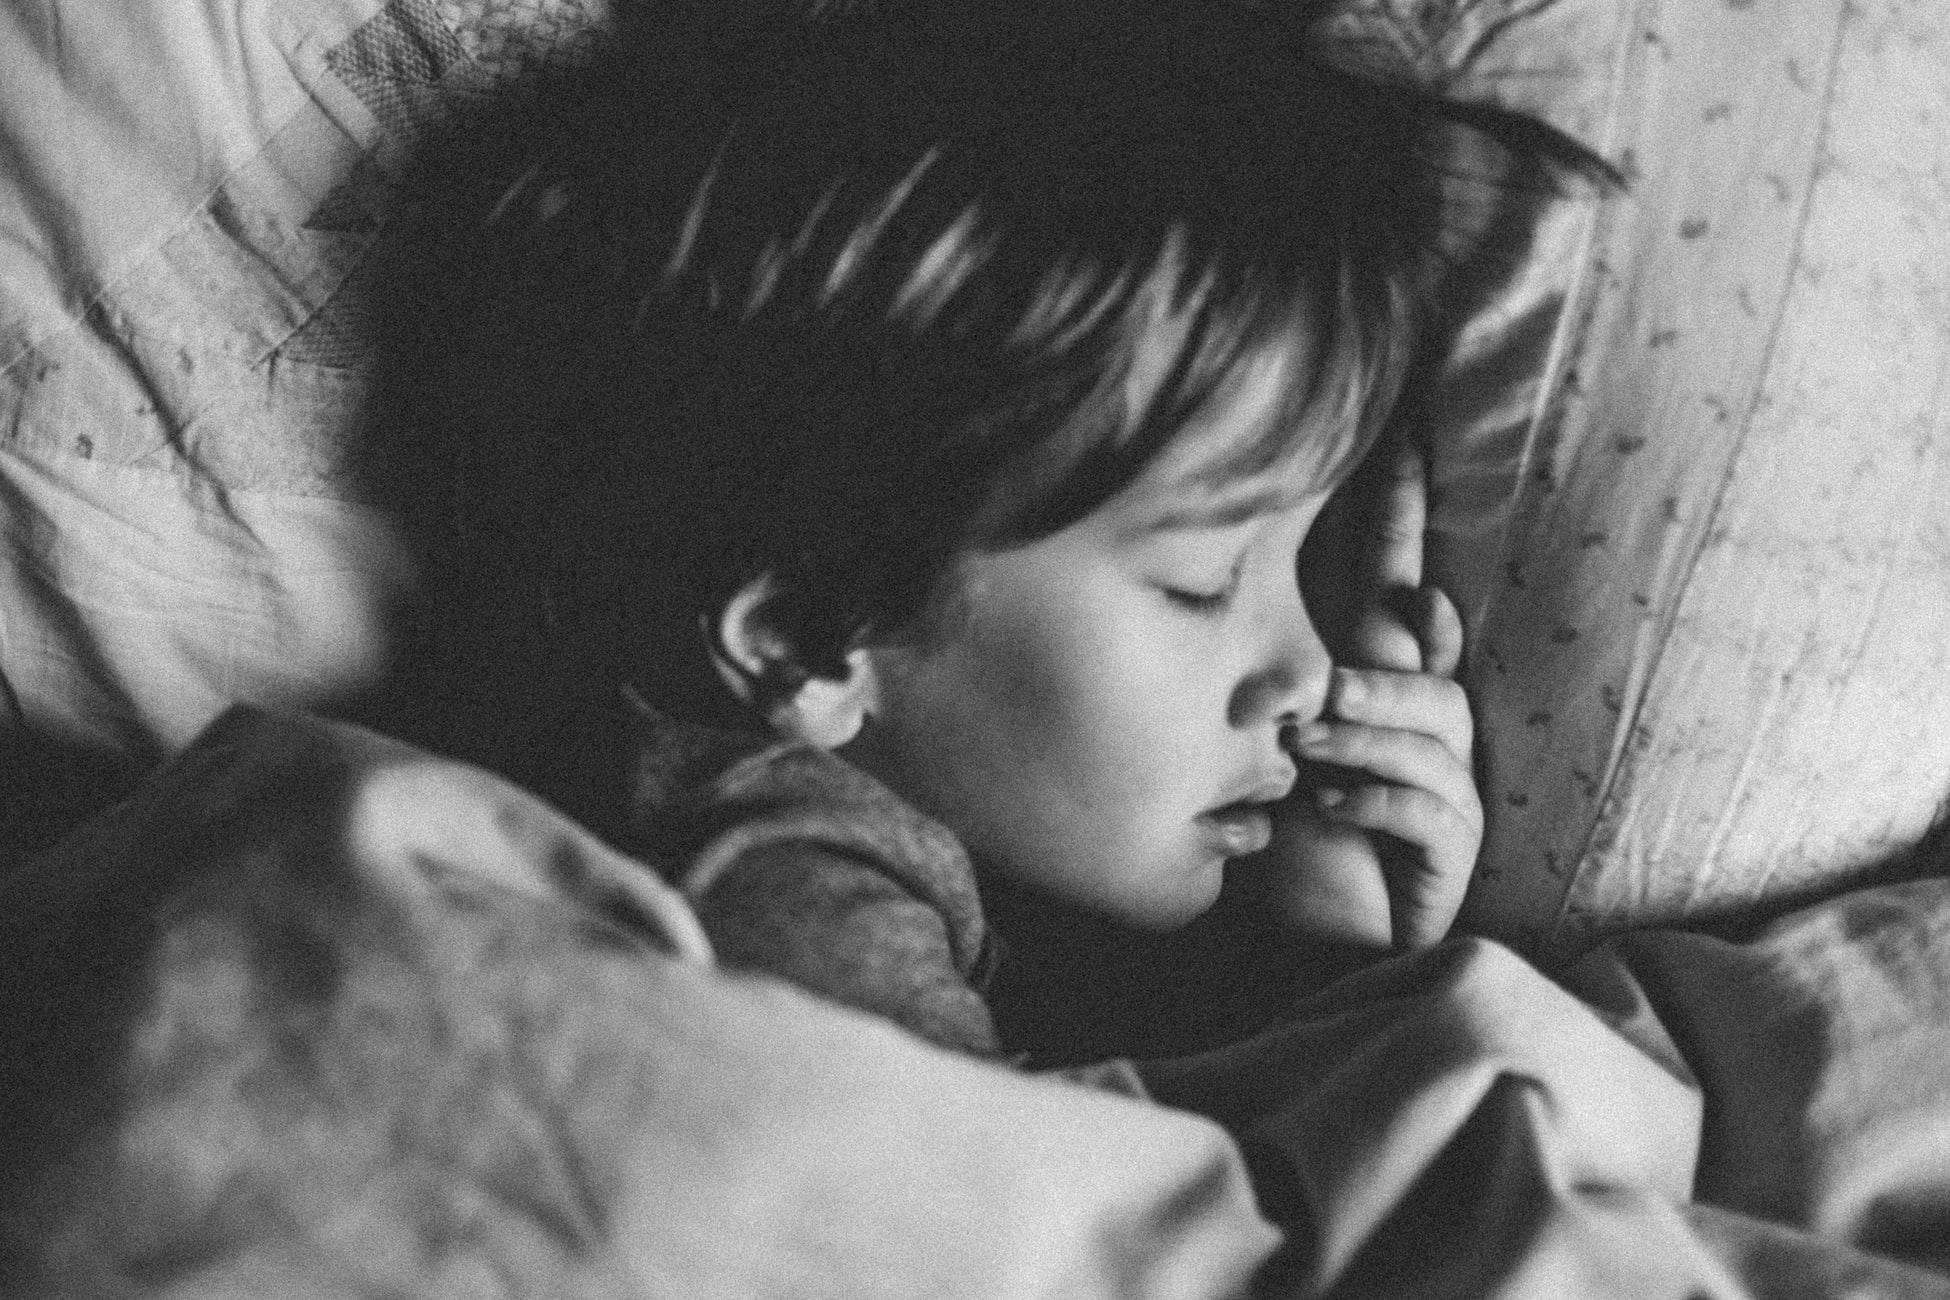 Comment savoir qu'un enfant manque de sommeil ?